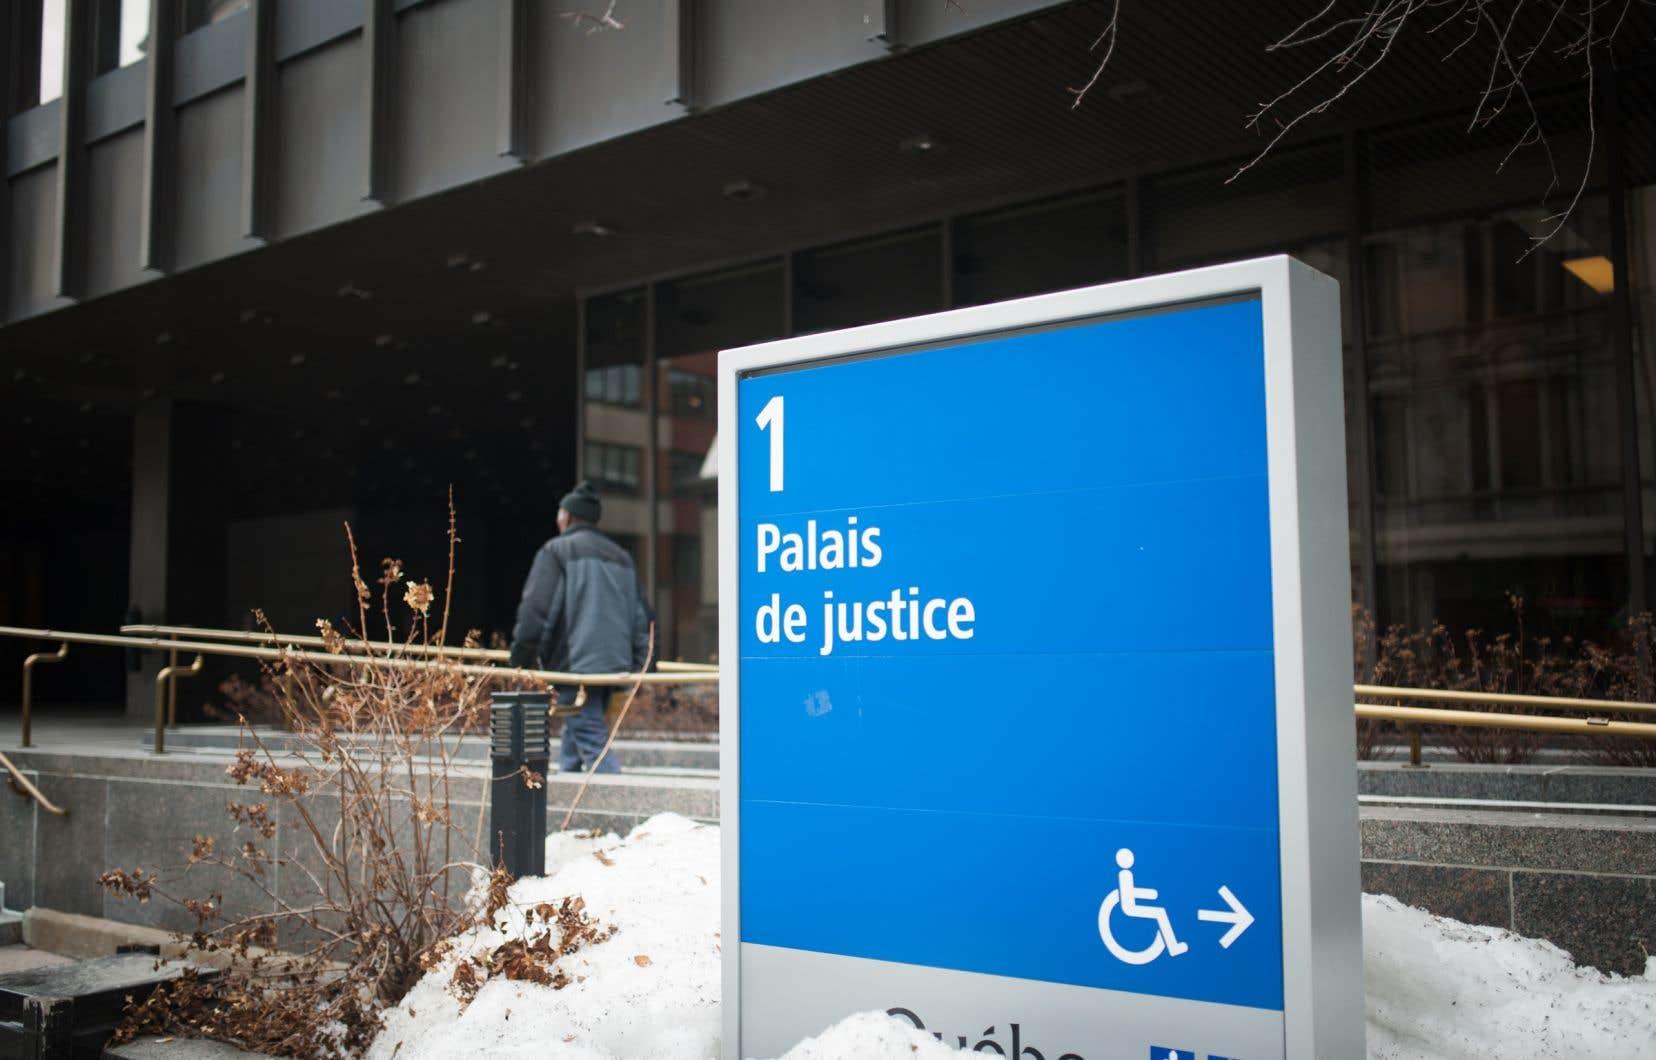 Deux anciens membres d'une communauté juive hassidique accusent Québec de ne pasleur avoir assuré une éducation adéquate, comme le prévoit la Loi sur l'instruction publique.